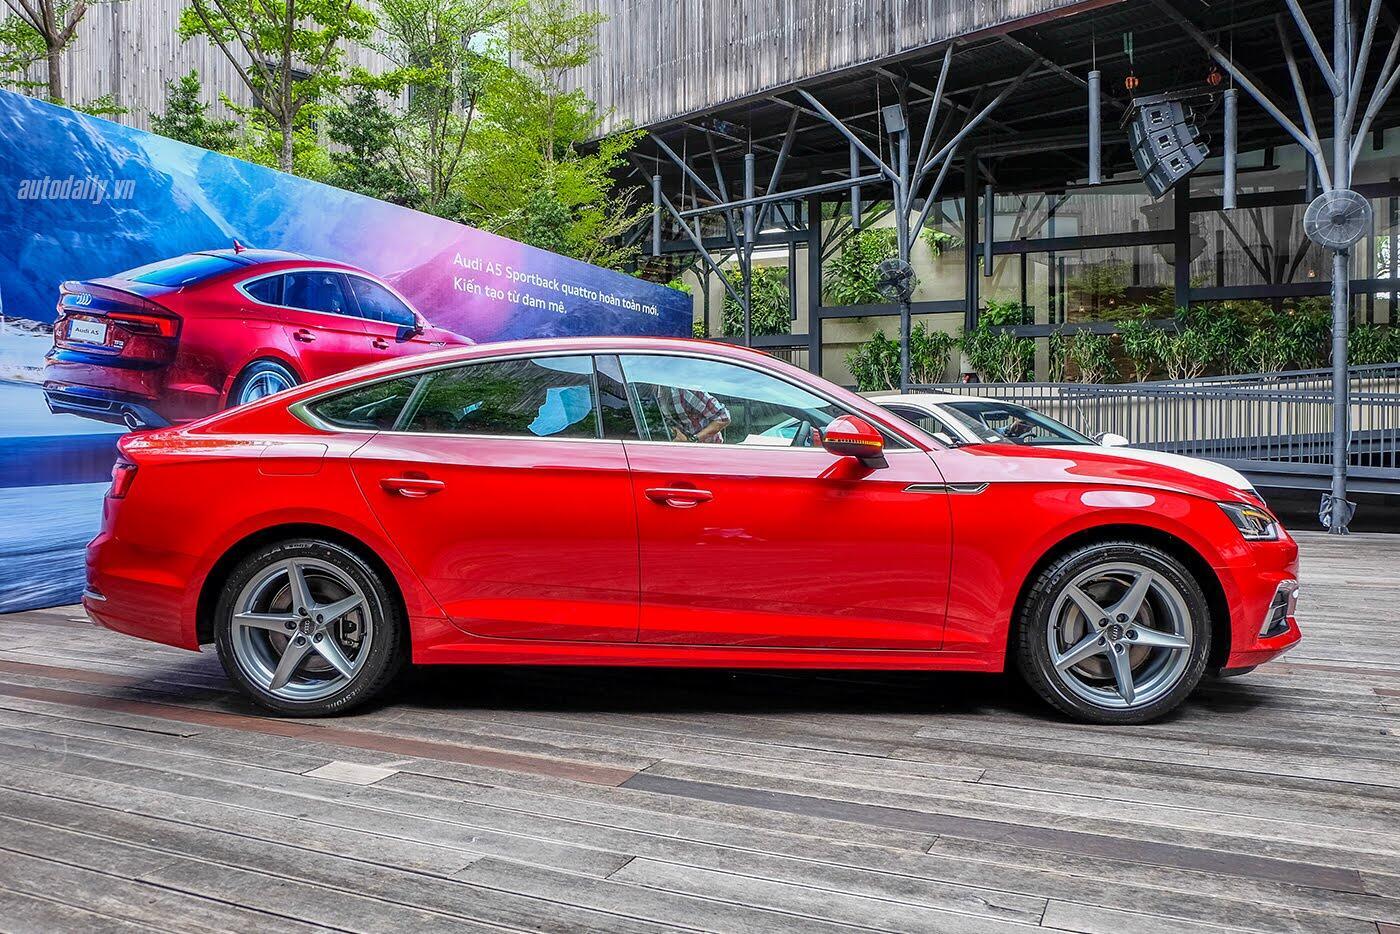 Audi A5 Sportback 2017 chính thức ra mắt tại Việt Nam - Hình 3